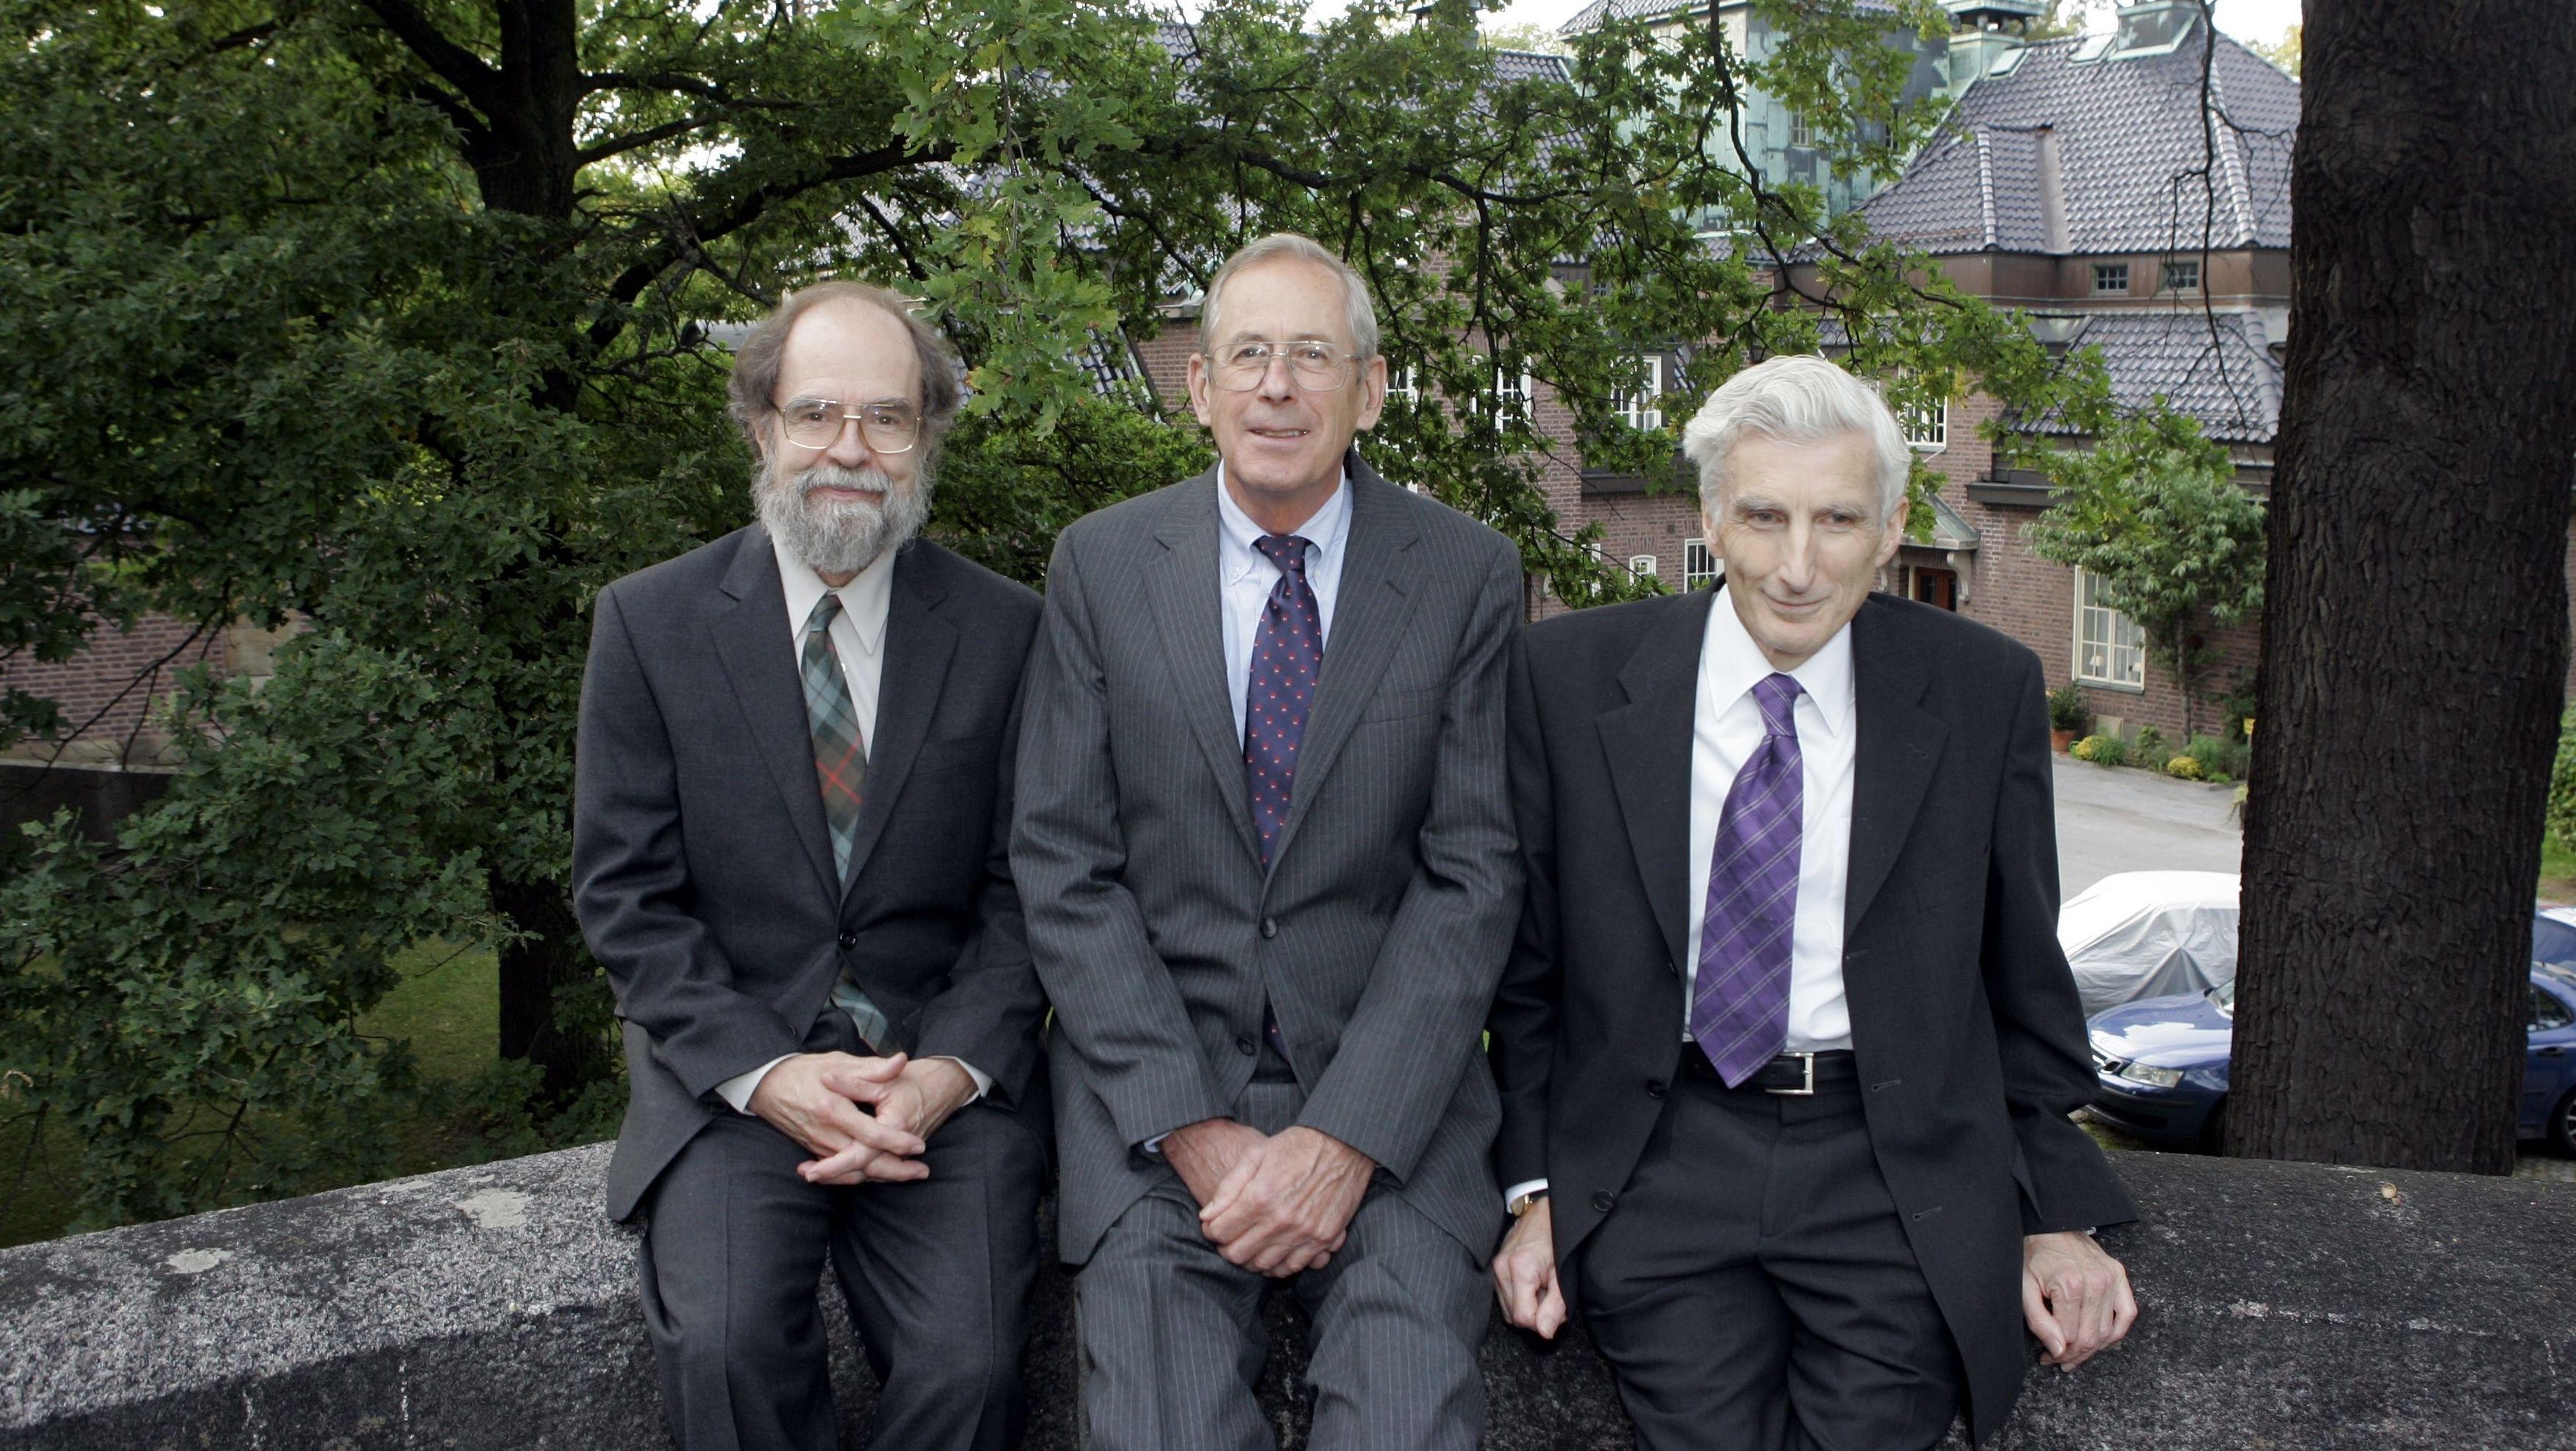 James Peebles (Mitte) im Jahr 2005, als er zusammen mit James Gunn und Martin Rees den Crafoord-Preis gewann.